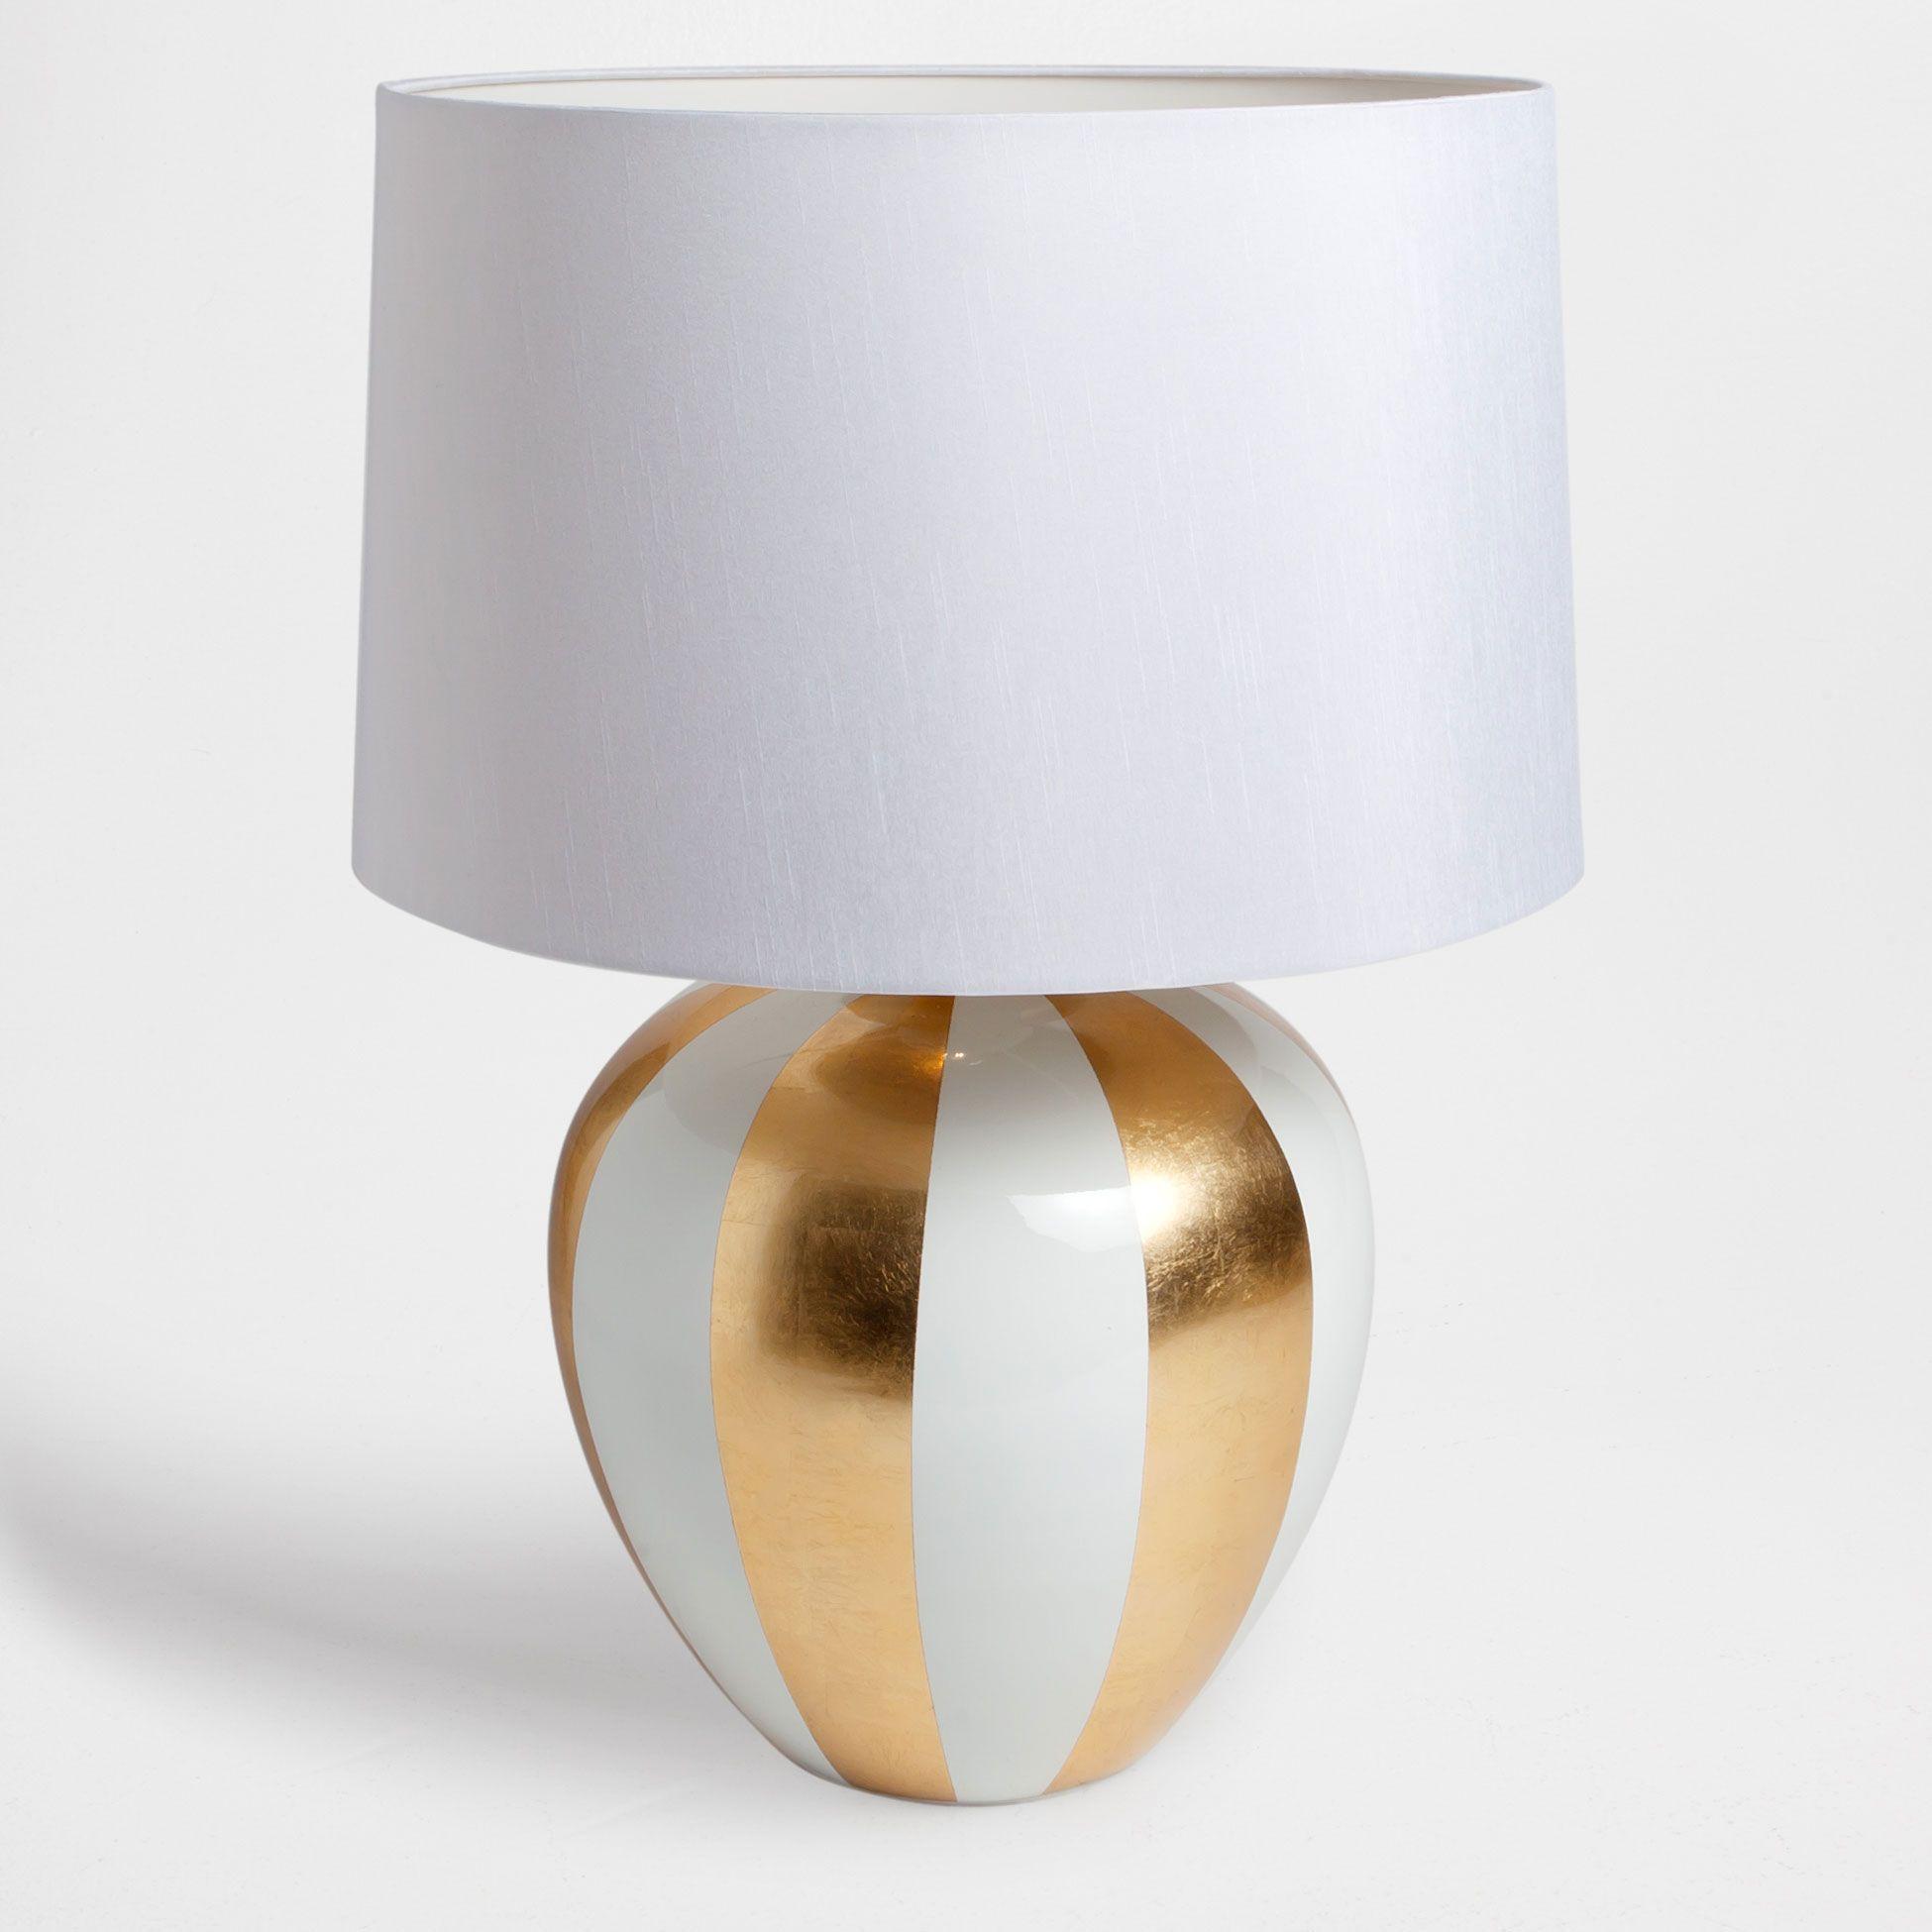 f31b9ddfdb29e7172583811642bae462 Schöne Lampe Mit Mehreren Lampenschirmen Dekorationen